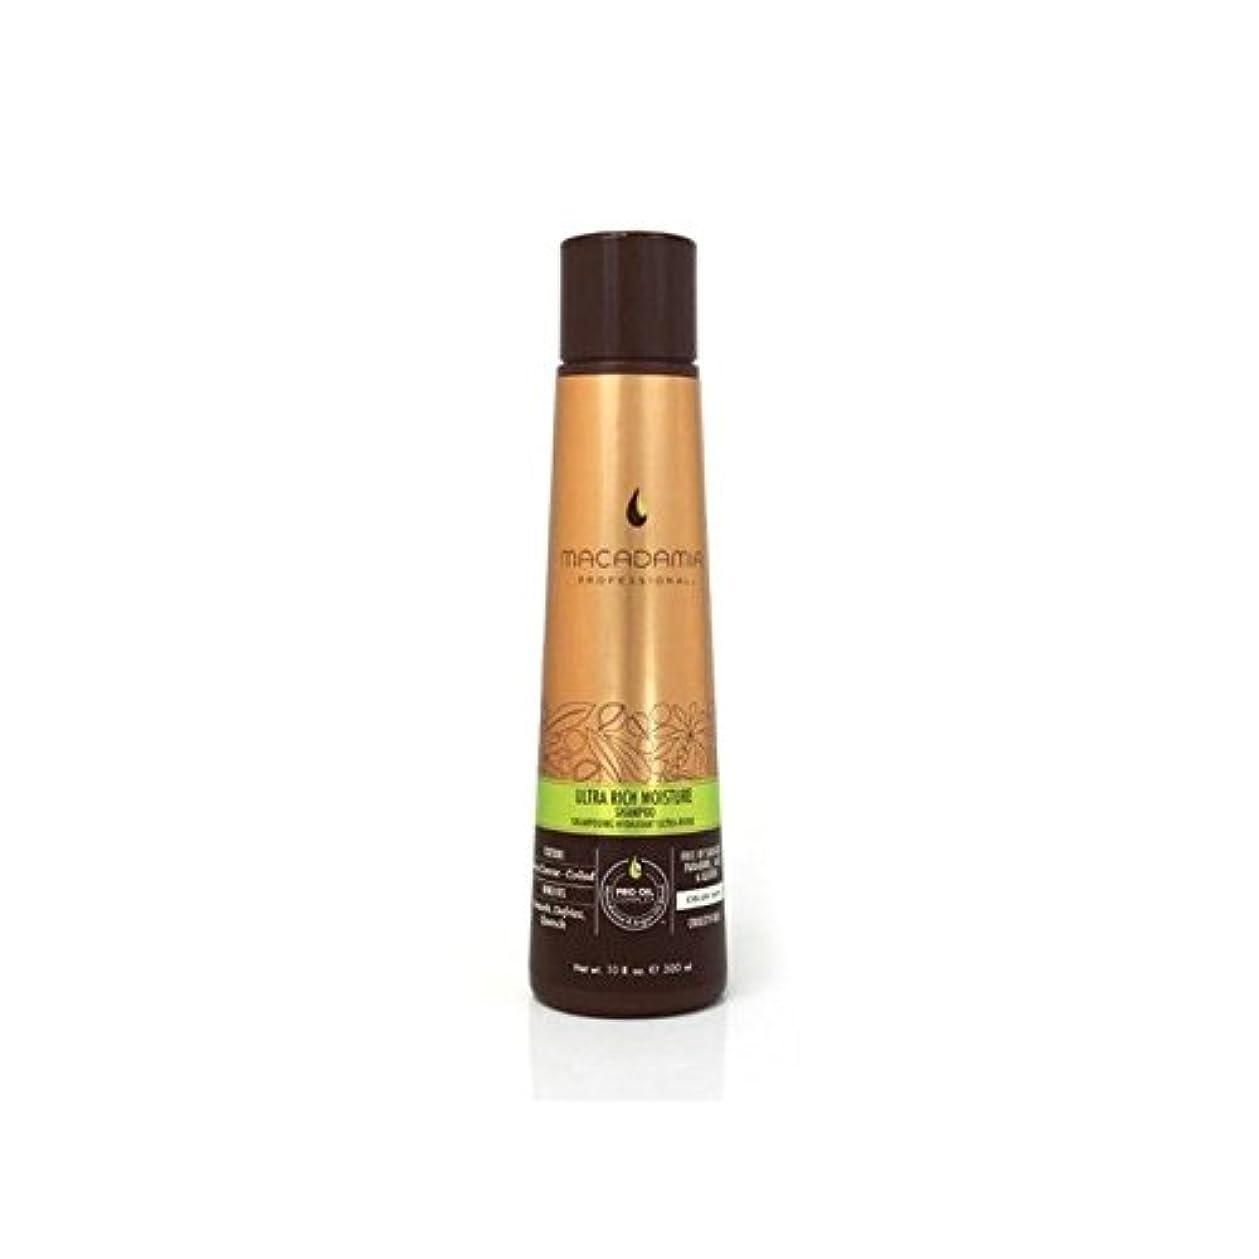 必要とする赤ネックレットMacadamia Ultra Rich Moisture Shampoo (300ml) (Pack of 6) - マカダミア超豊富な水分シャンプー(300ミリリットル) x6 [並行輸入品]